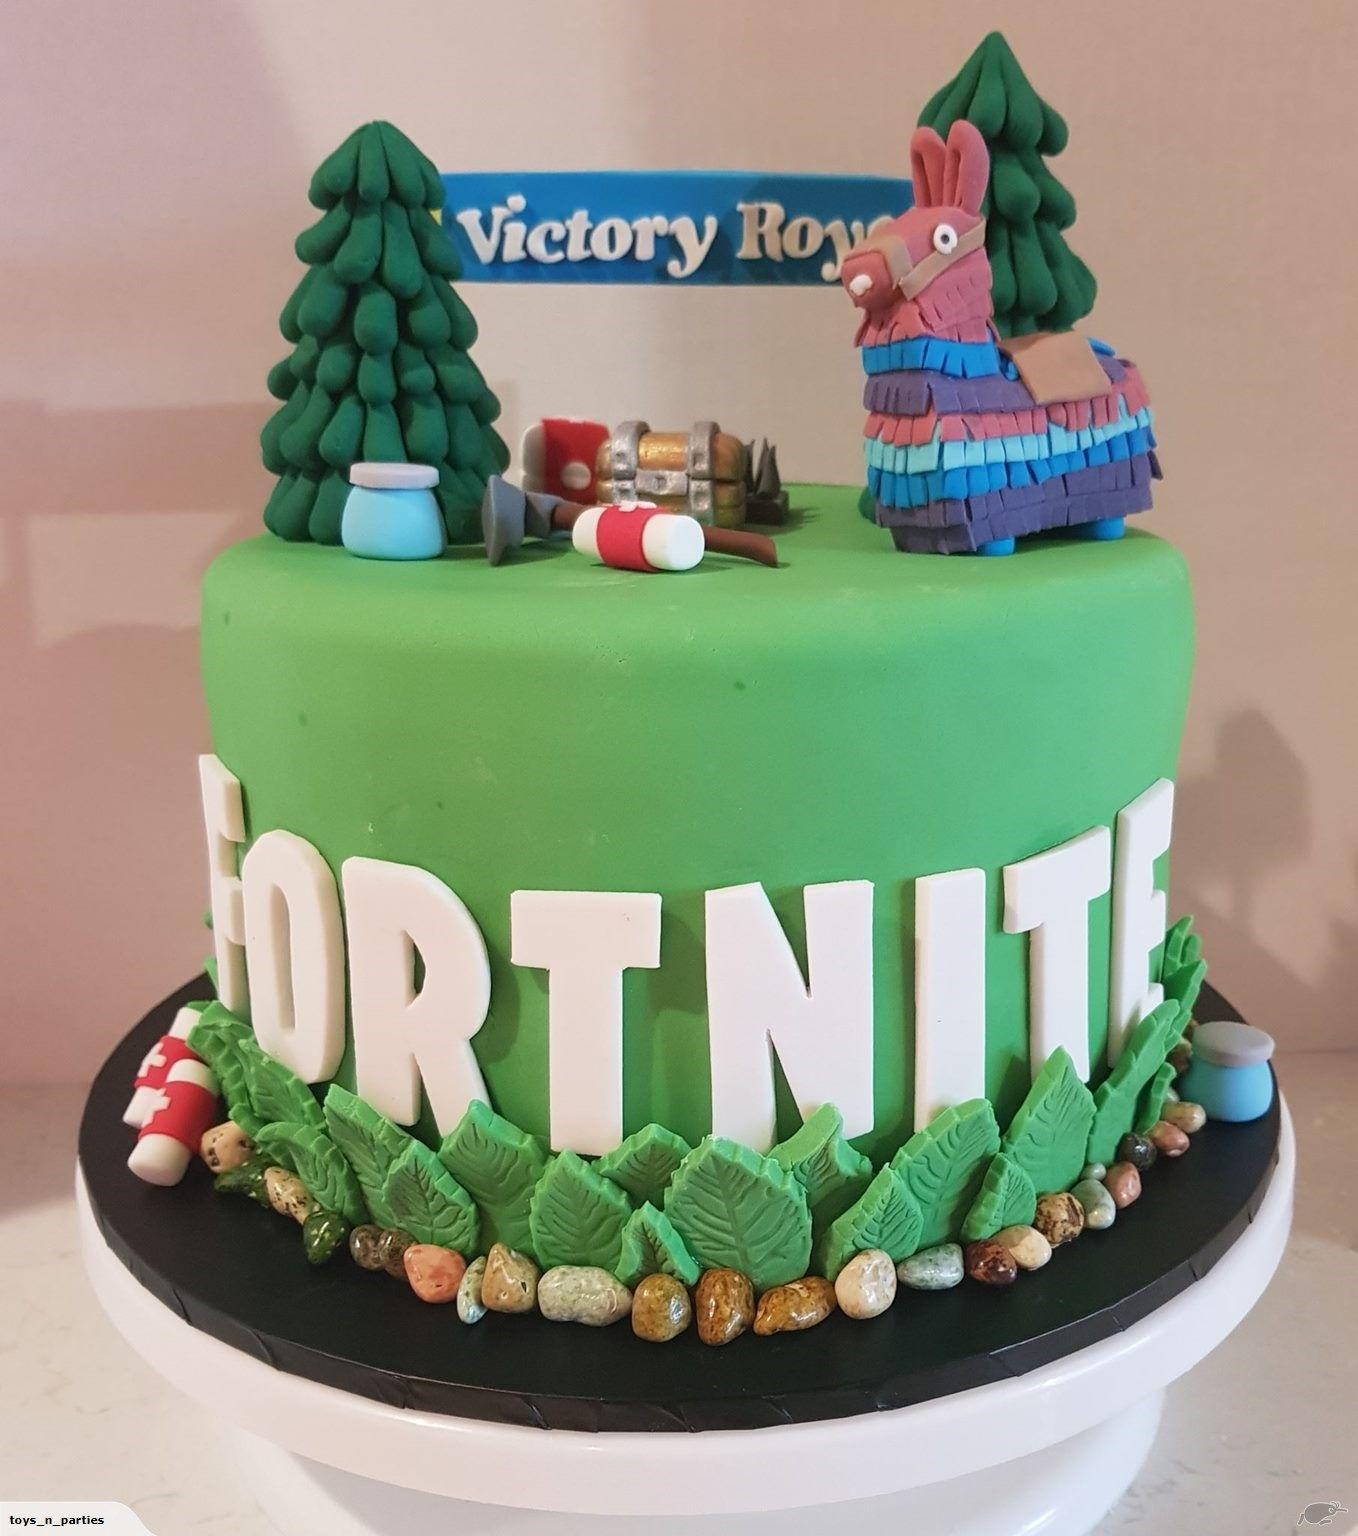 10 Fortnite Birthday Cake Decorations | Birthday cake ...